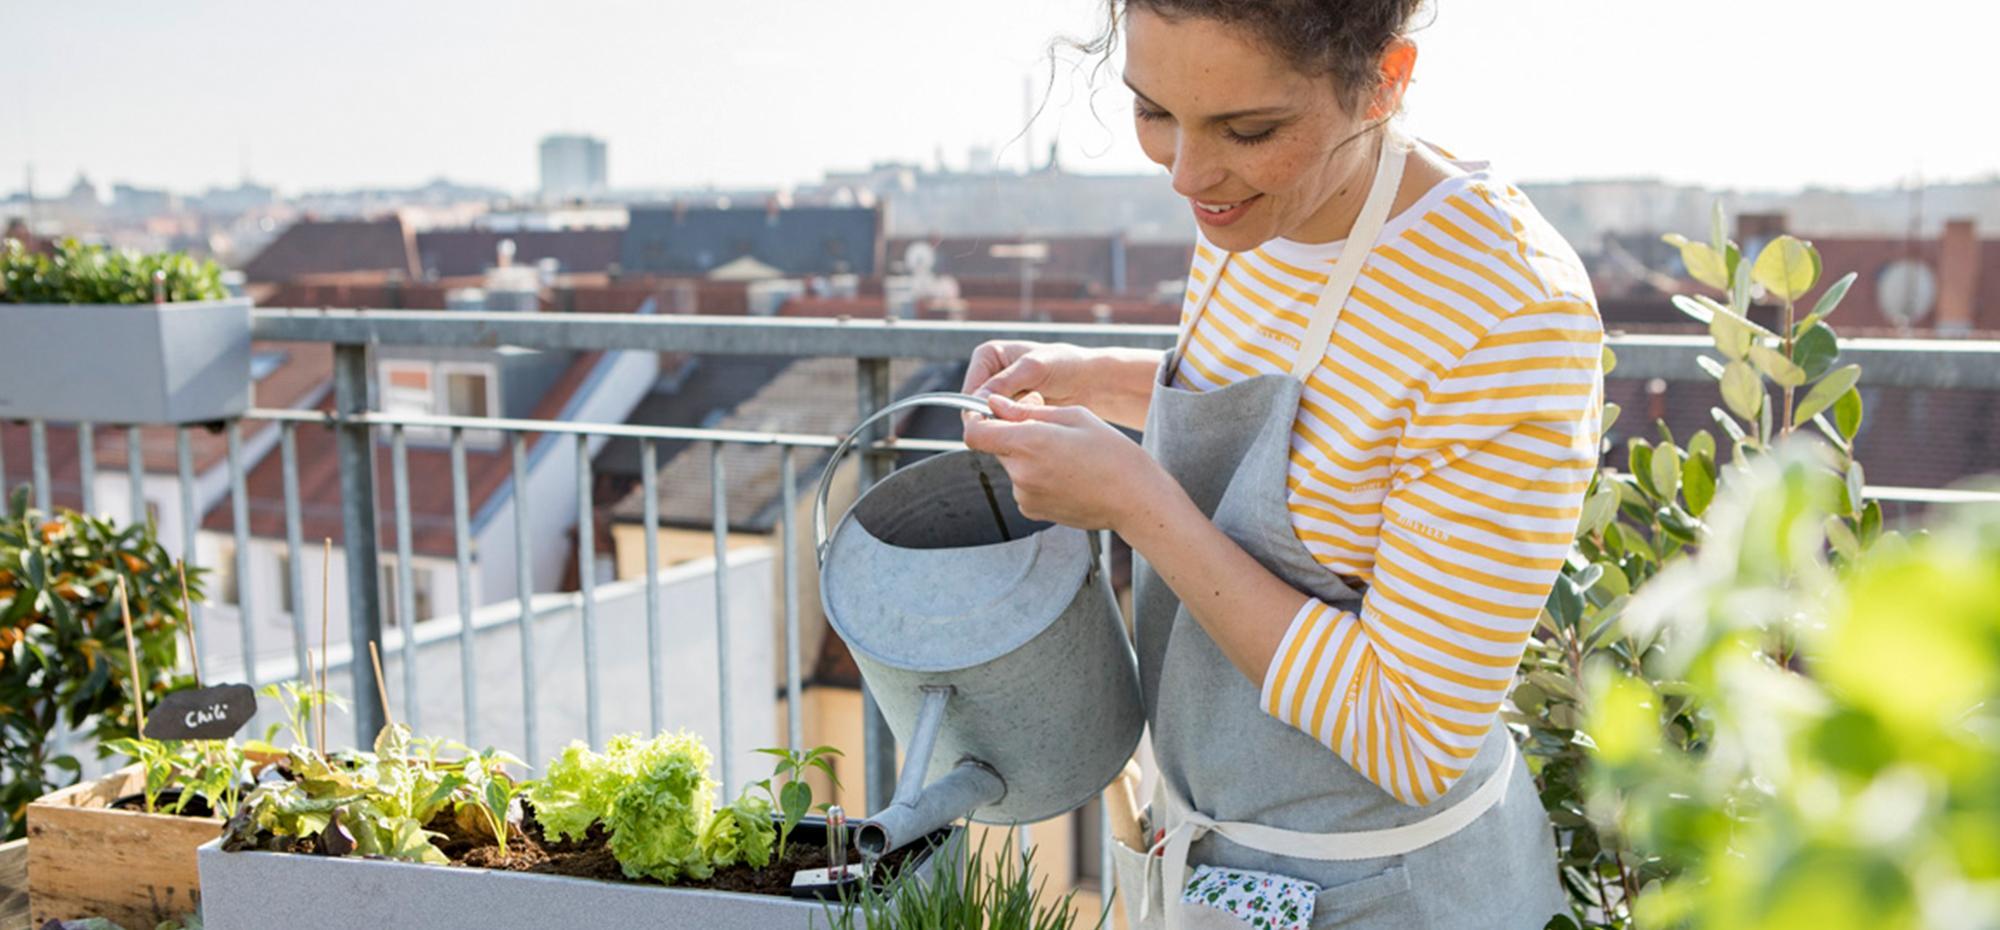 le_tw-uebersicht_urban_gardening